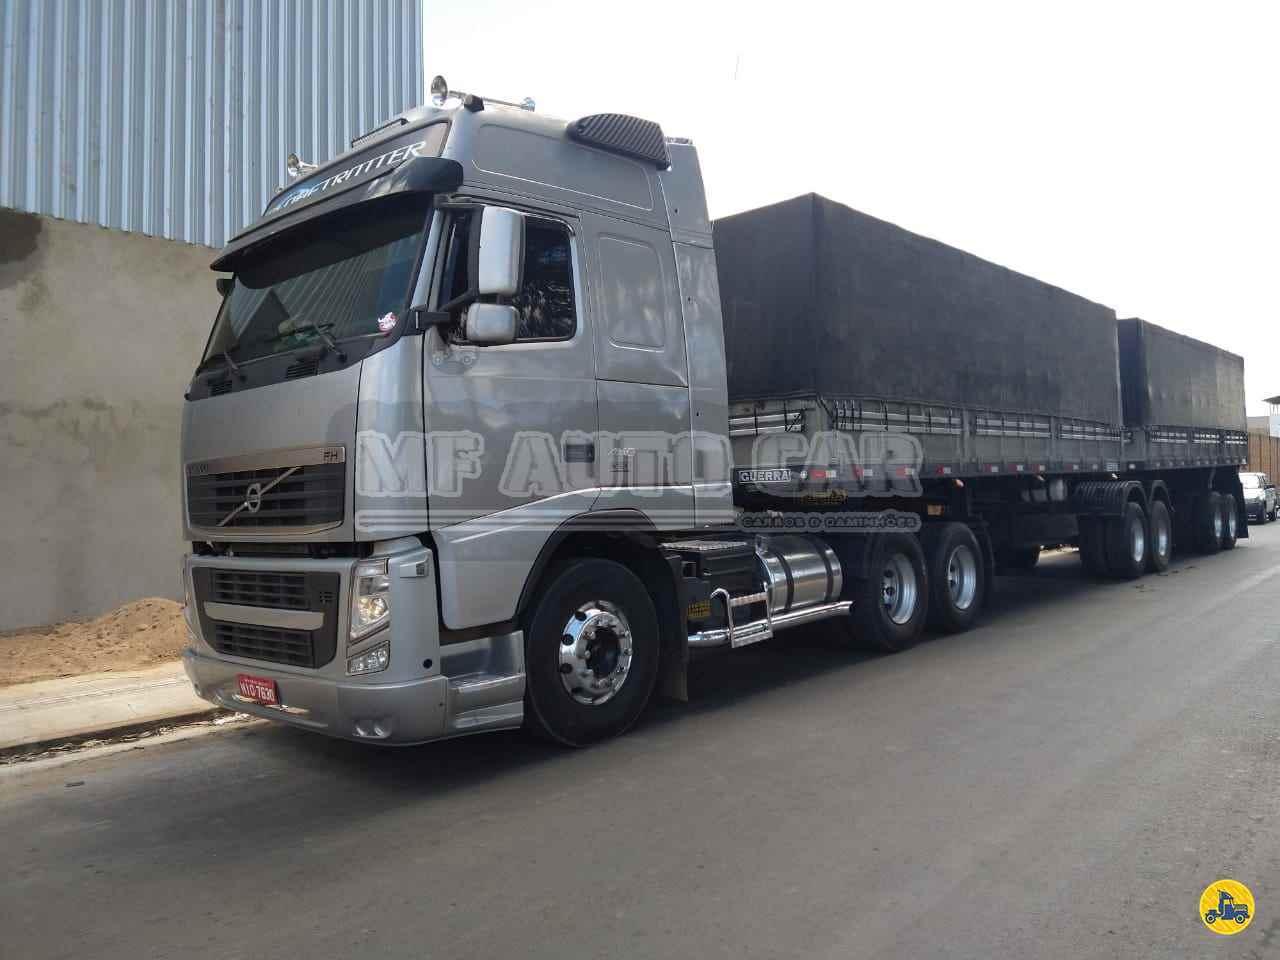 CAMINHAO VOLVO VOLVO FH 440 Cavalo Mecânico Truck 6x2 MF Auto Car PALHOCA SANTA CATARINA SC